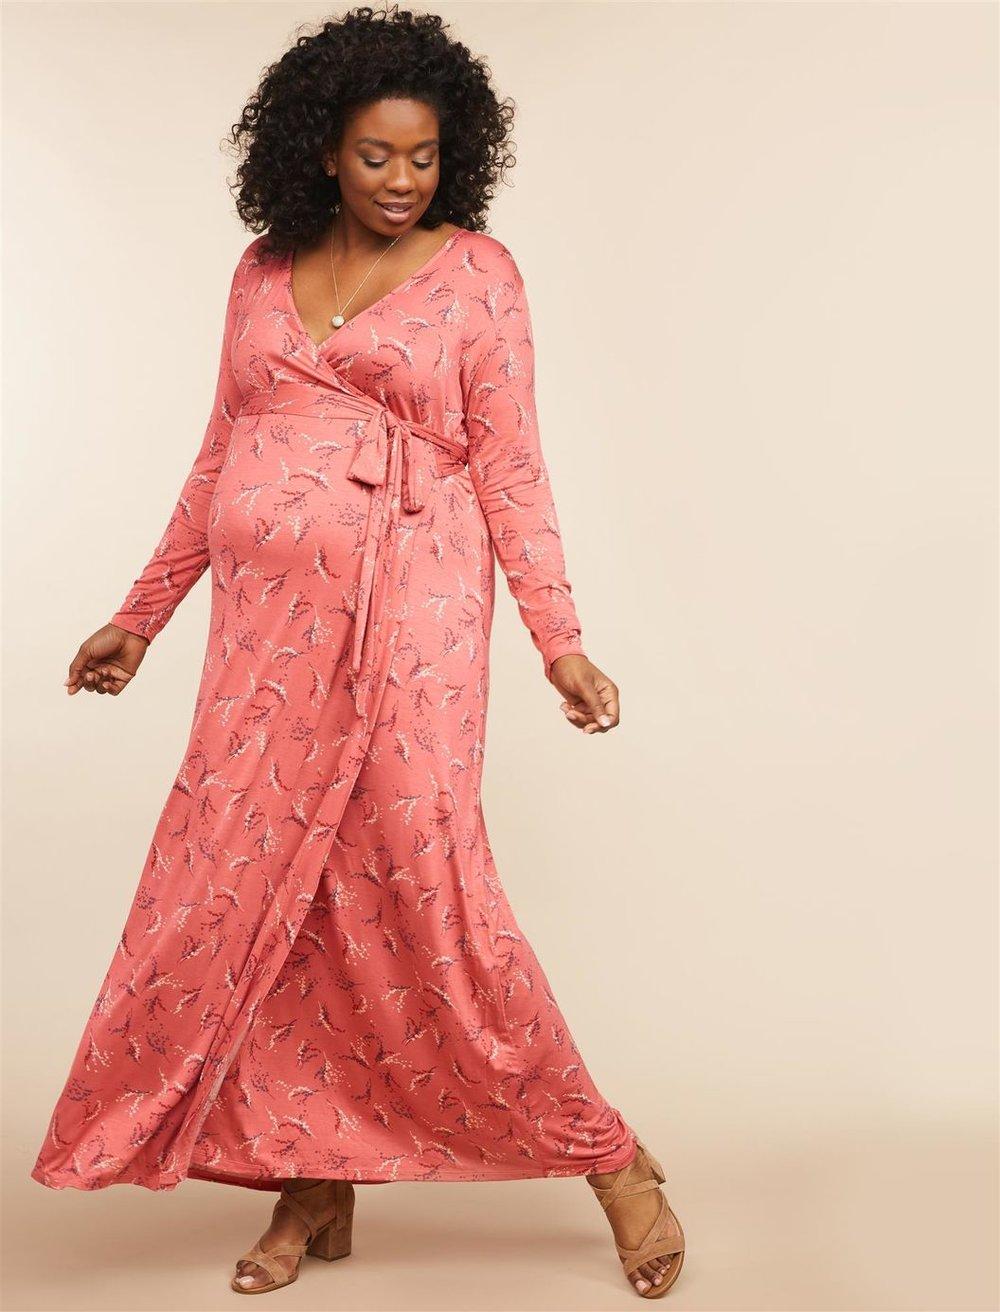 3caba4fe36ed Pinkblush Maternity Pleated Chiffon Lace Top Maxi Dress - raveitsafe